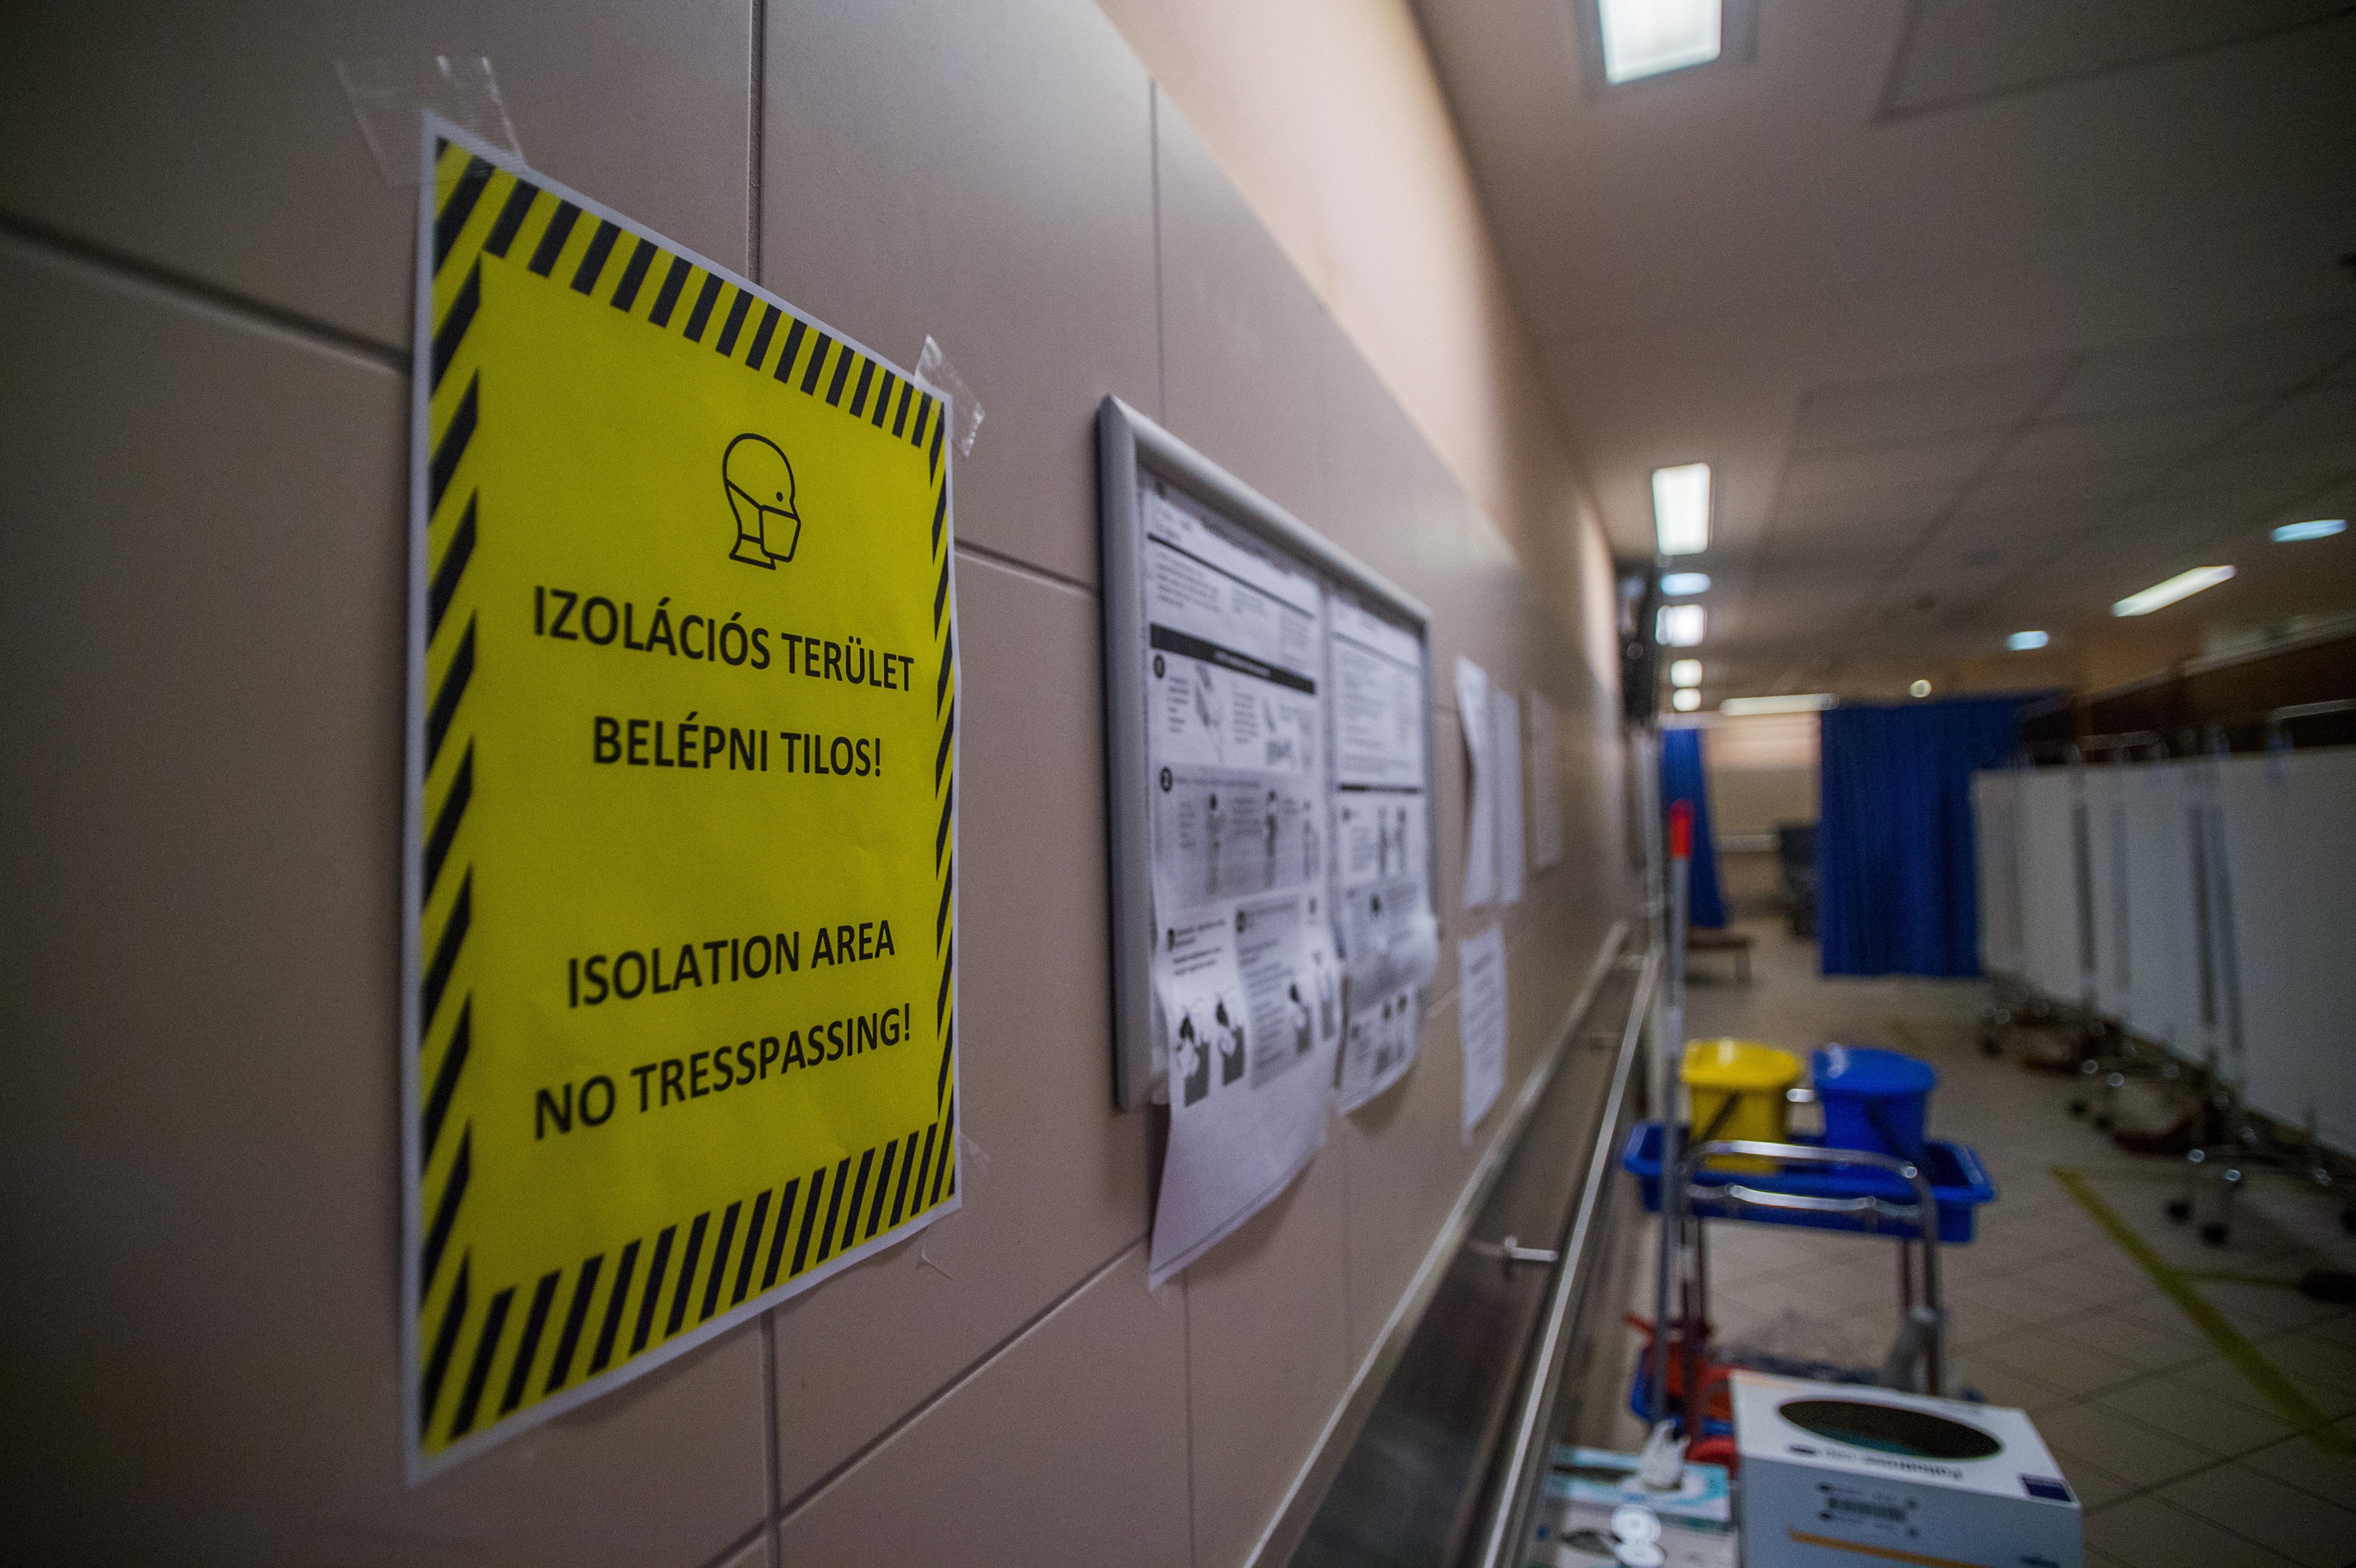 Még 3 hónapig fogva tartaná az ügyészség a betegtársaira ollóval támadó gyilkos kórházi ámokfutót